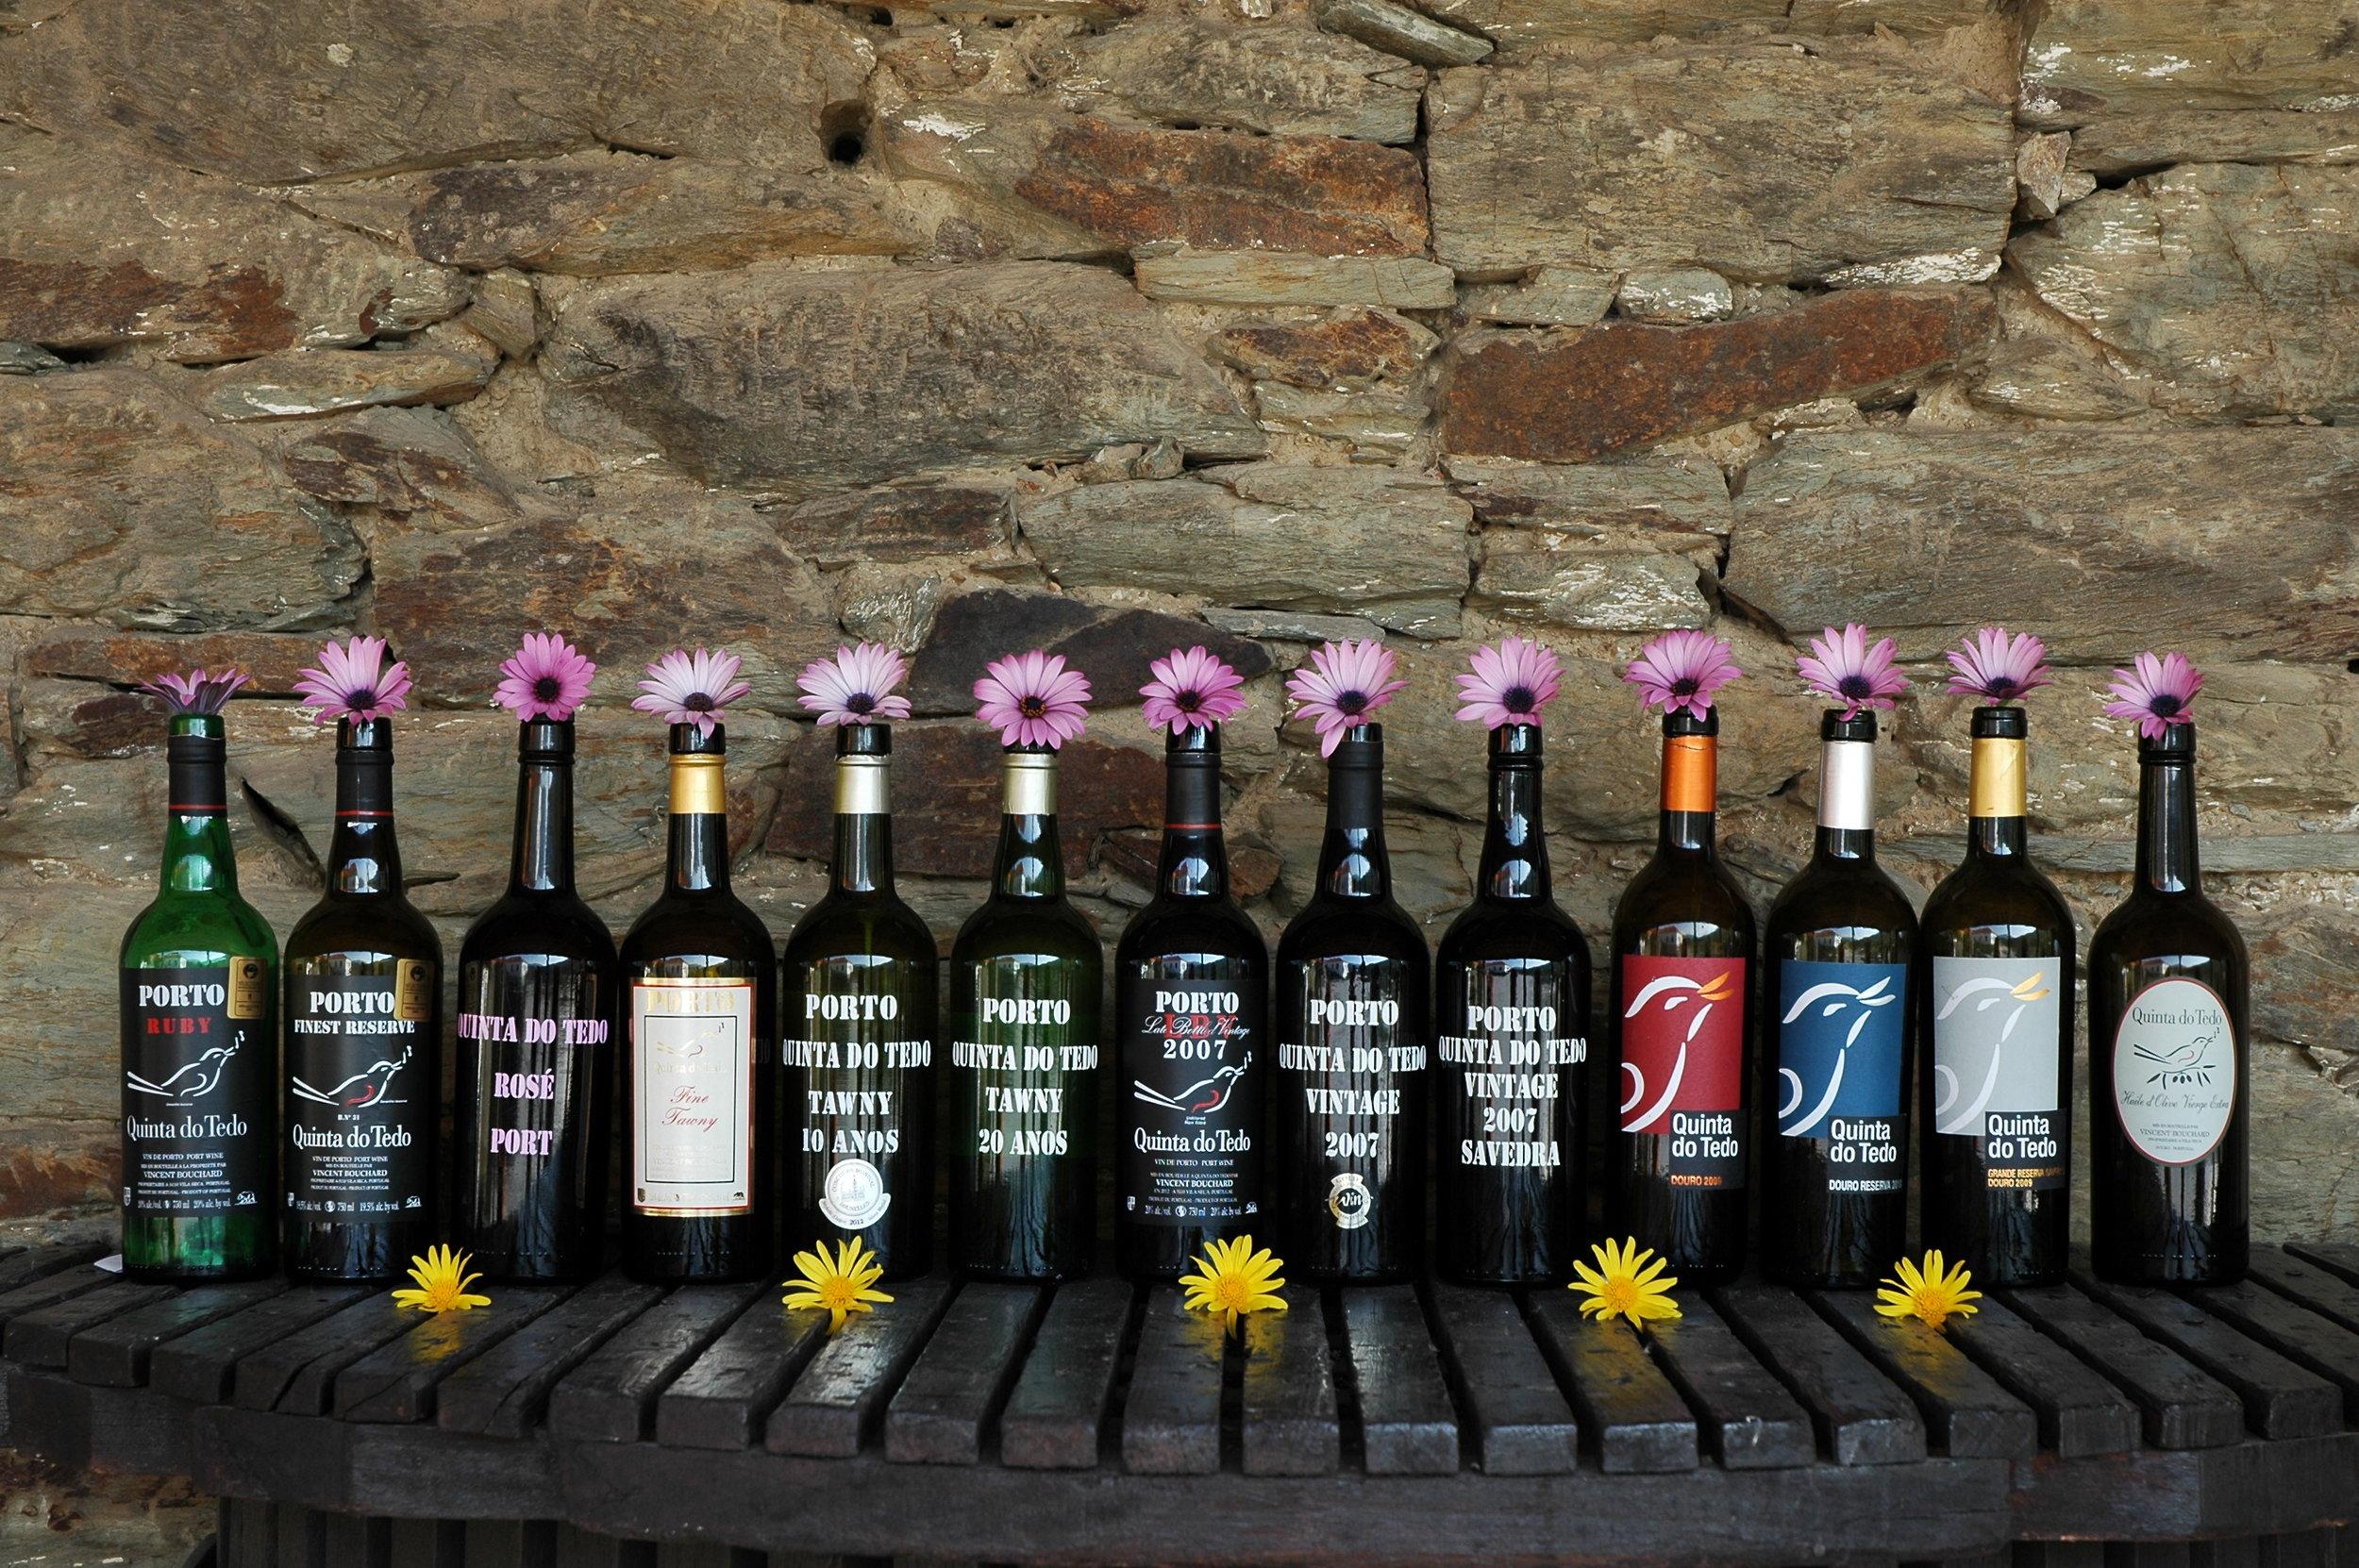 Bottle line-up #2